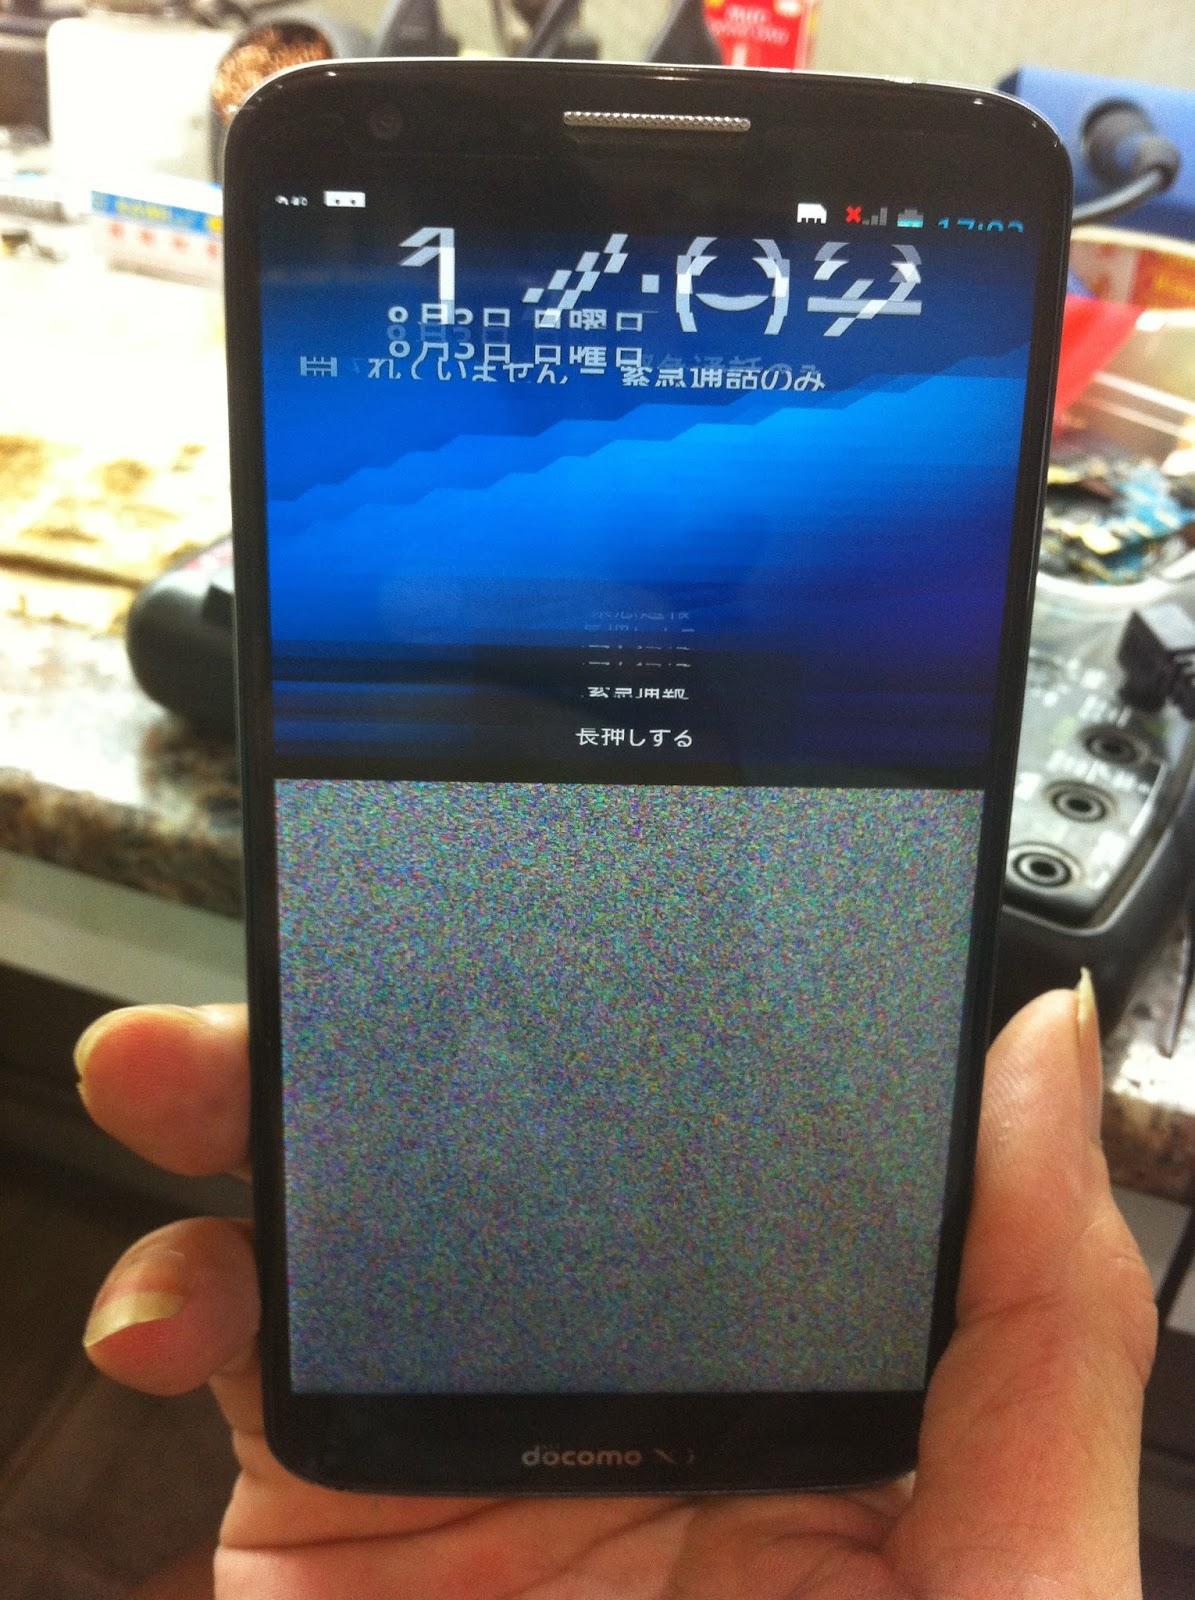 Kết quả hình ảnh cho sửa LG g4 bị giật màn hình